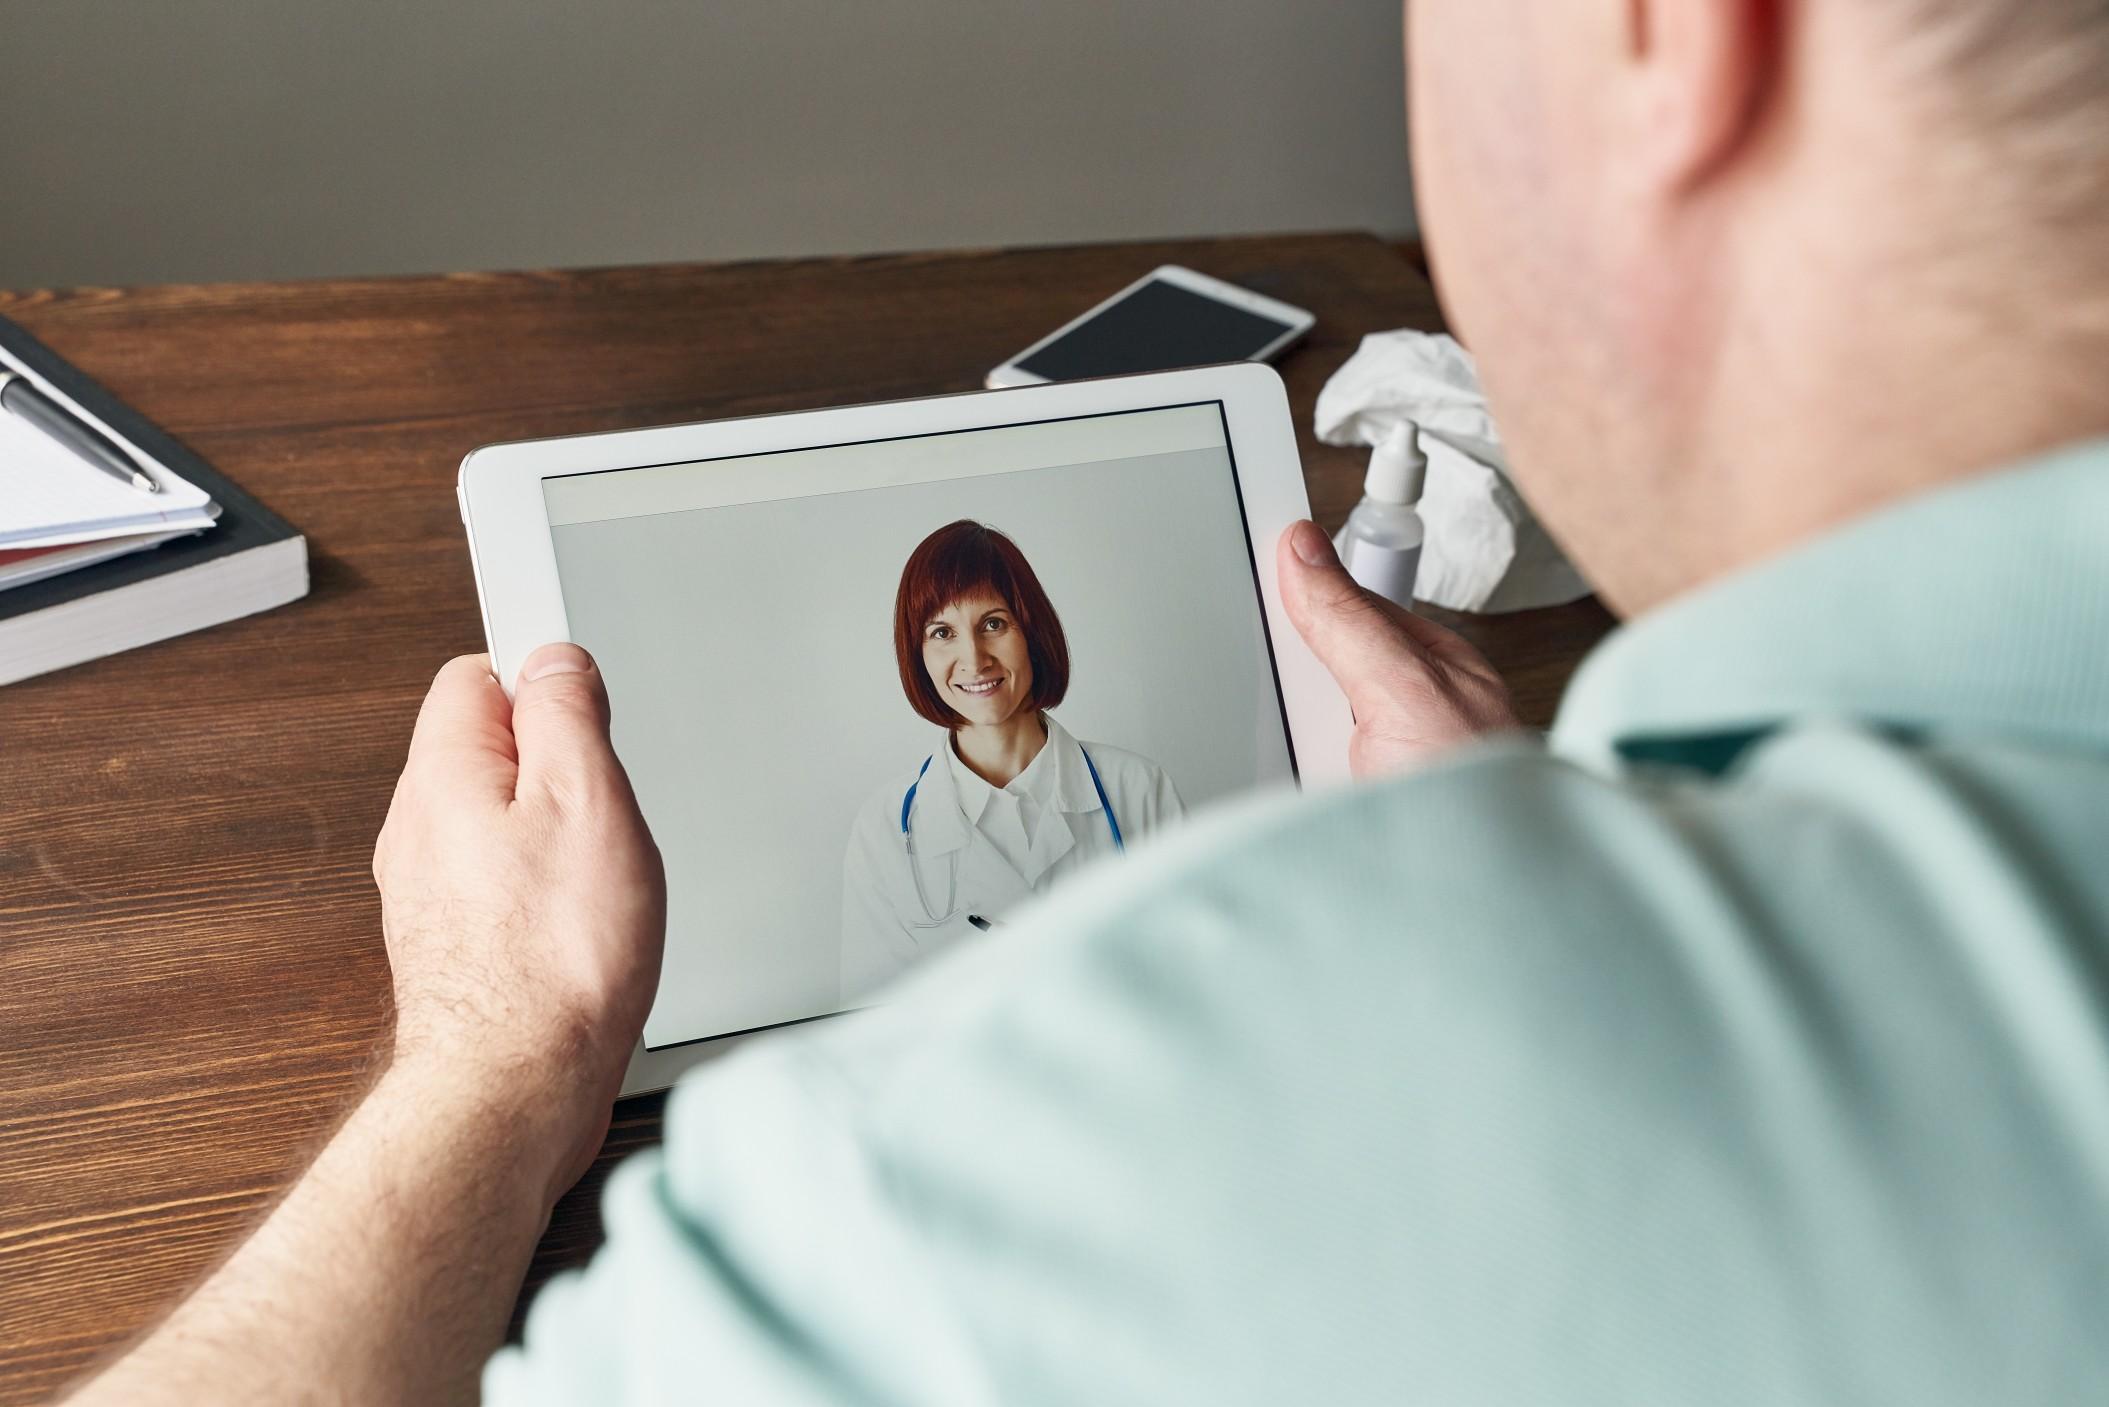 Se renseigner sur internet pour prendre soin de sa santé,  fausse bonne idée ?